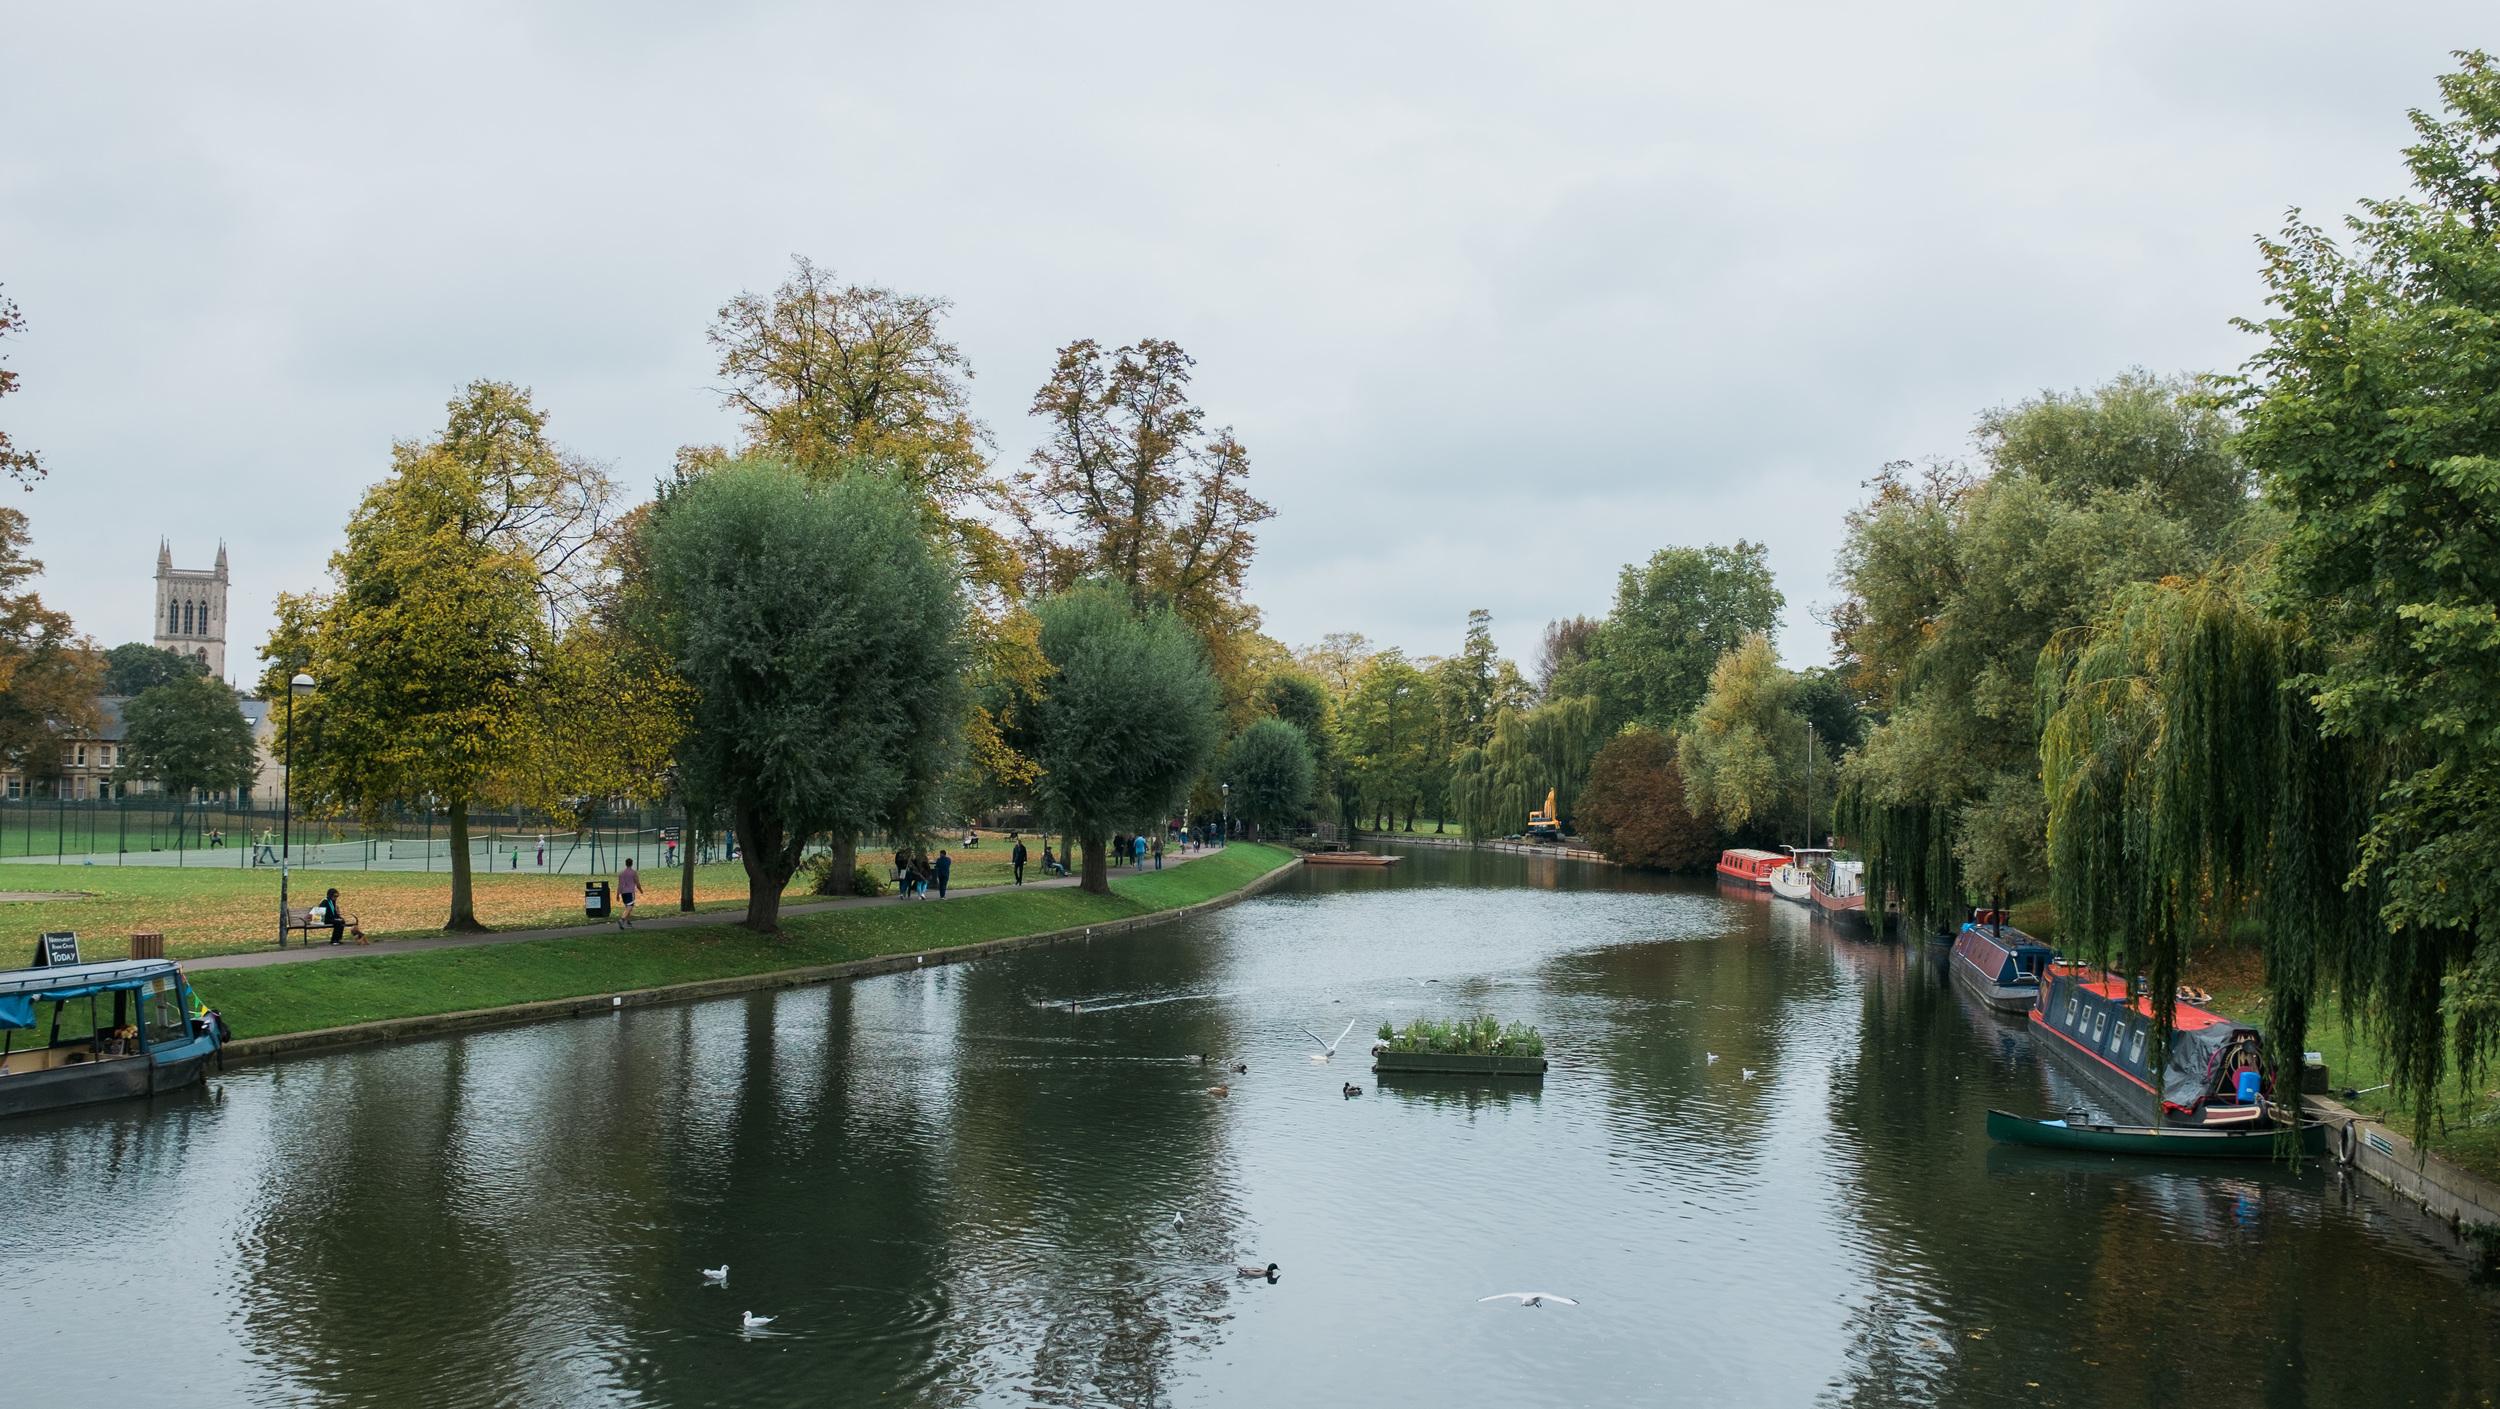 london-britian-cambridge-stmalo-mont-saint-michel-france-normandy-paris-002.jpg